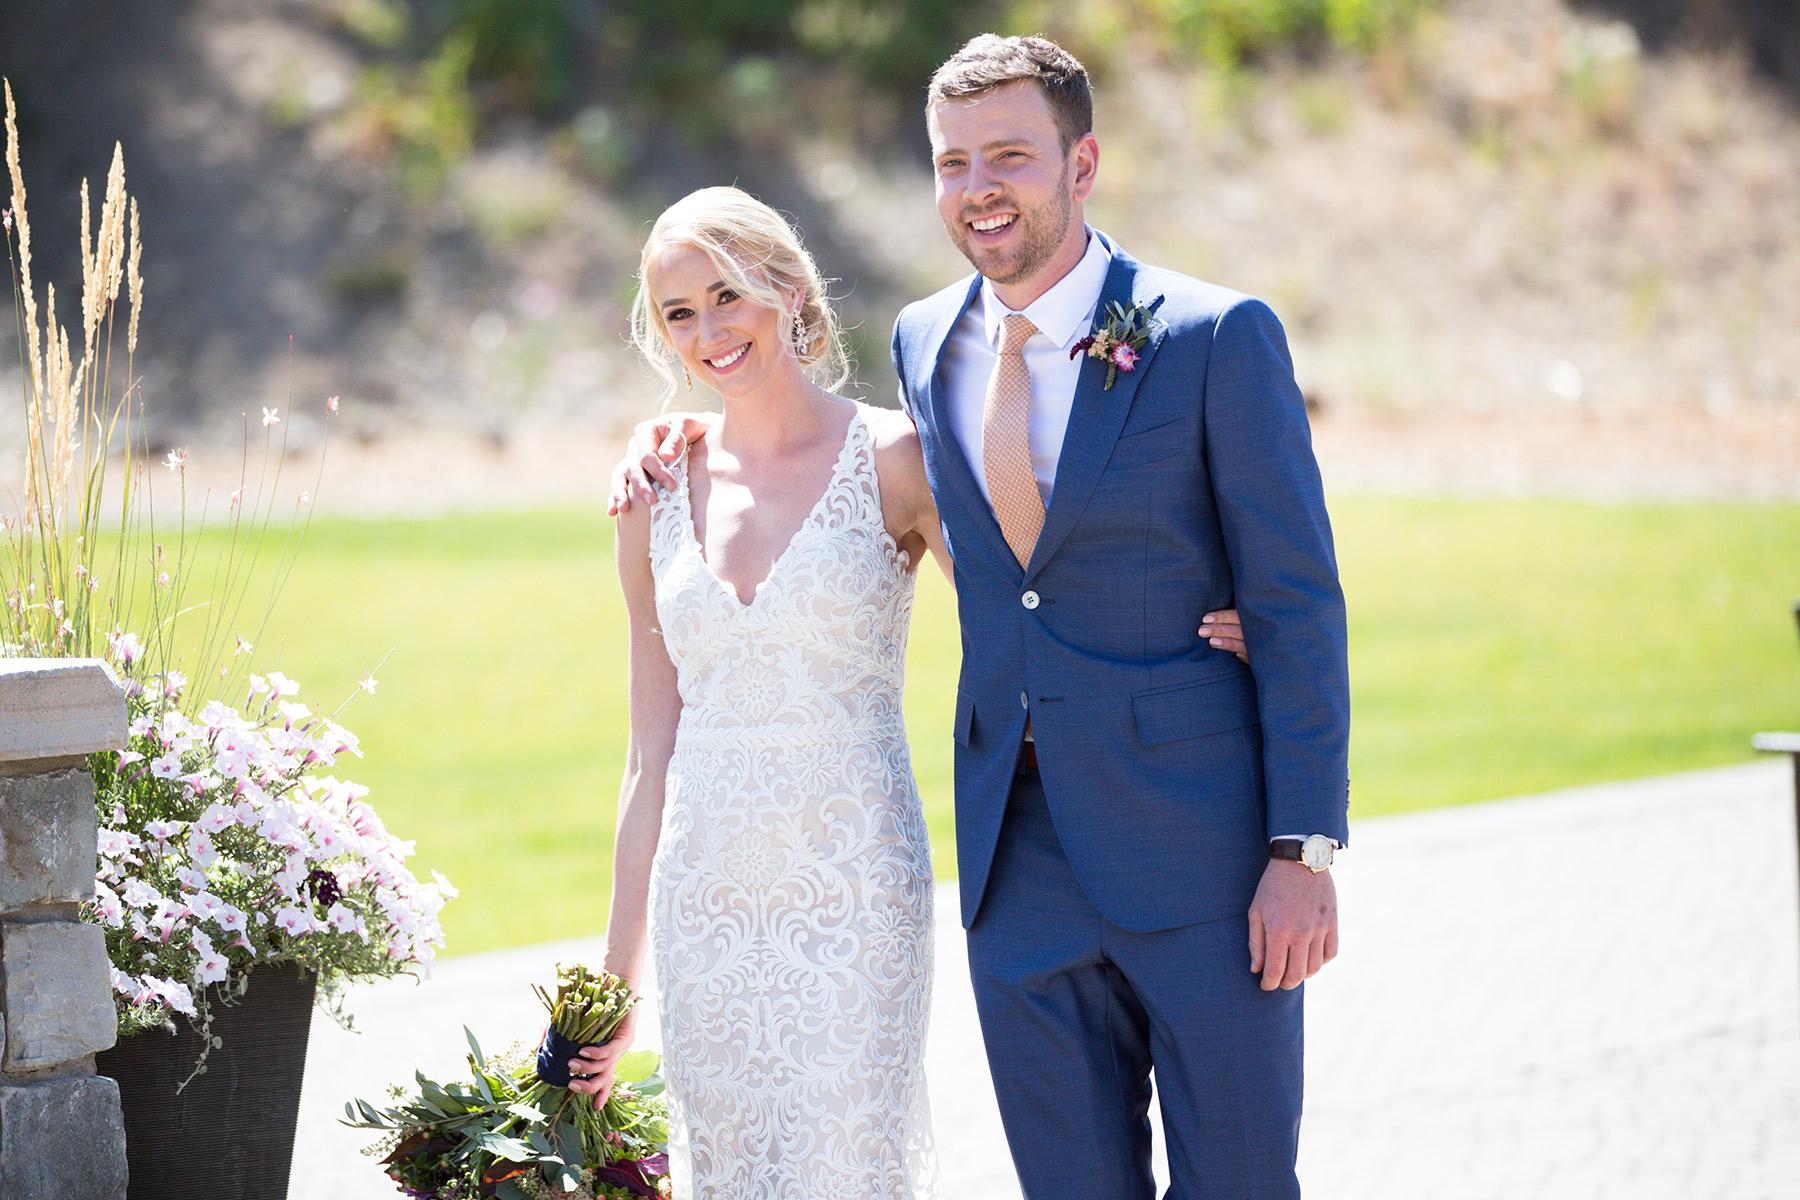 nortrhstar-weddings-Lake-Tahoe